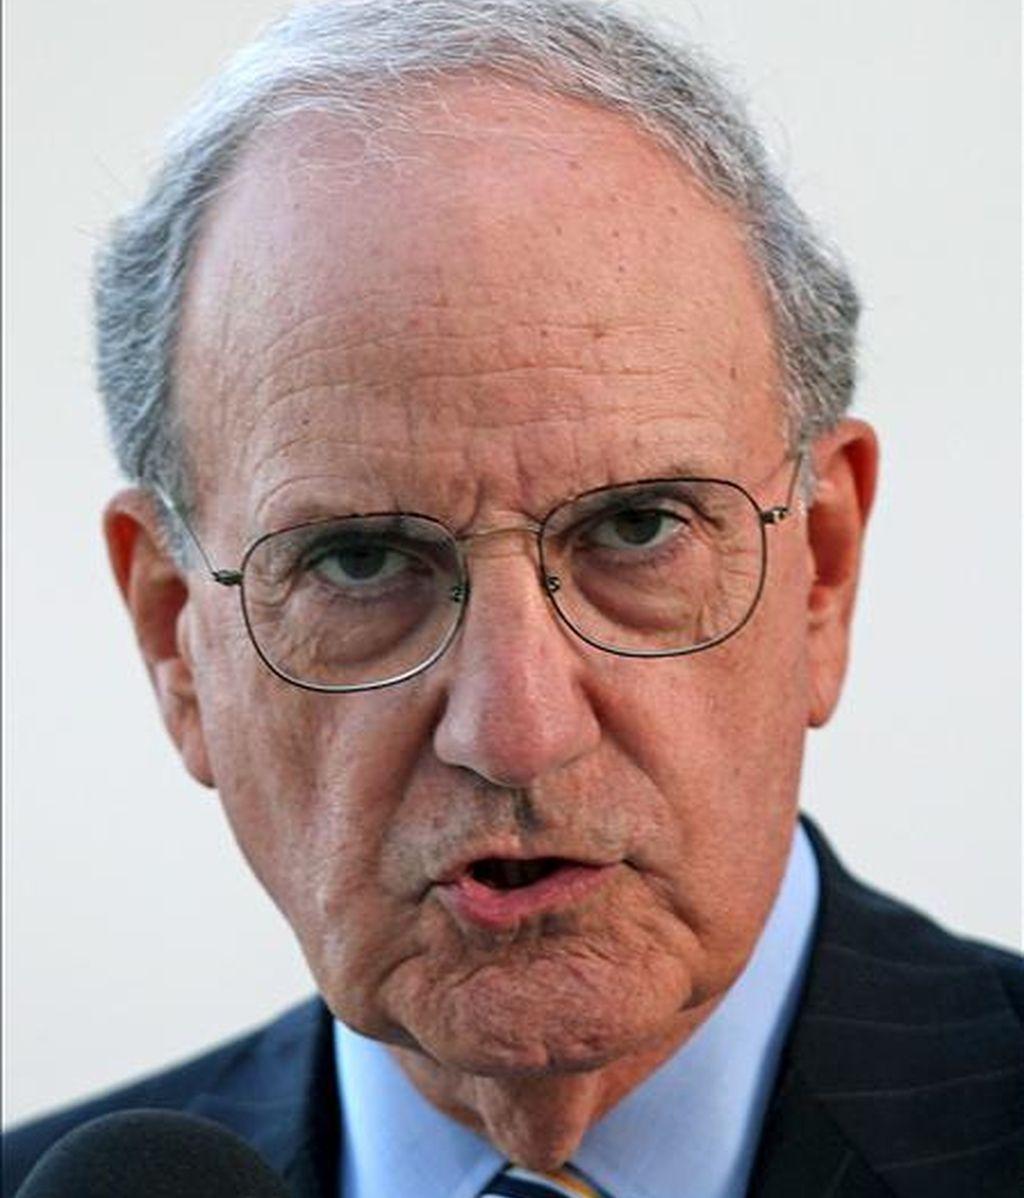 El portavoz del Departamento de Estado, Philip Crowley, dijo que el enviado especial de EE.UU. para O. Medio, George Mitchell, revisará las circunstancias y el ambiente actual sobre el terreno que EE.UU. espera llevará cuanto antes a negociaciones directas entre las partes. EFE/Archivo